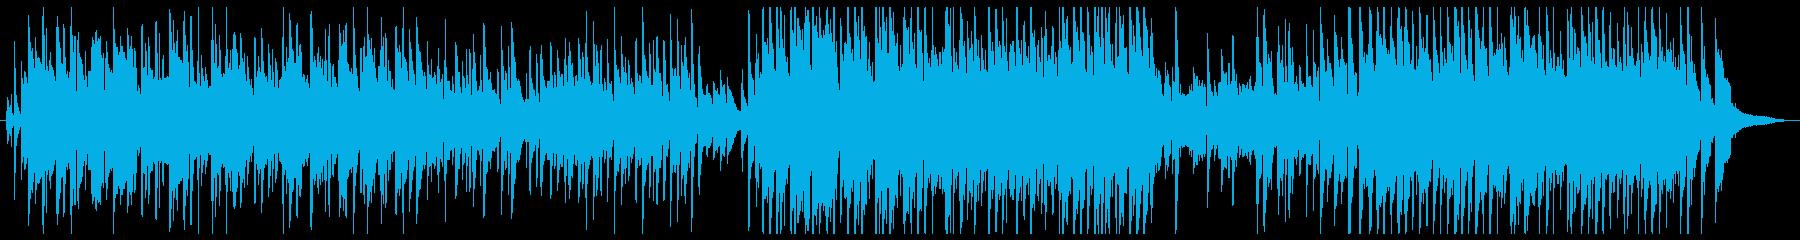 悲しいアコースティック曲の再生済みの波形